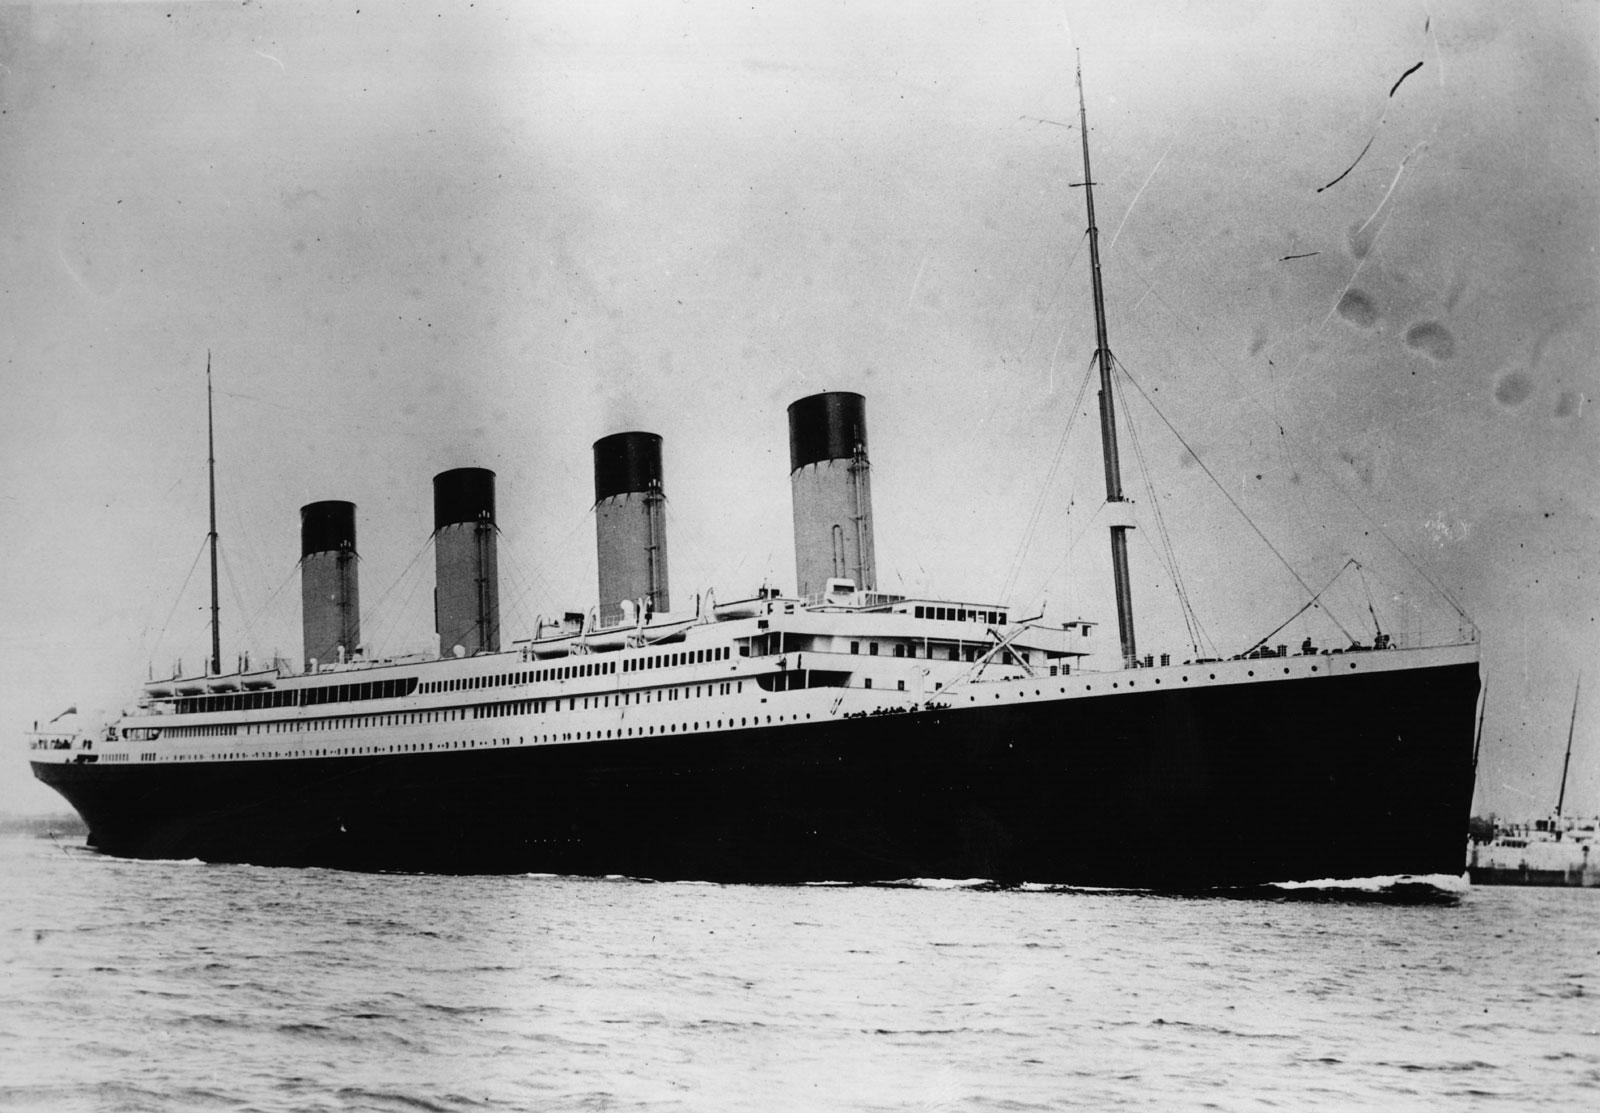 Original Titanic First Class Deck Plan Set to Fetch £50,000 at ...